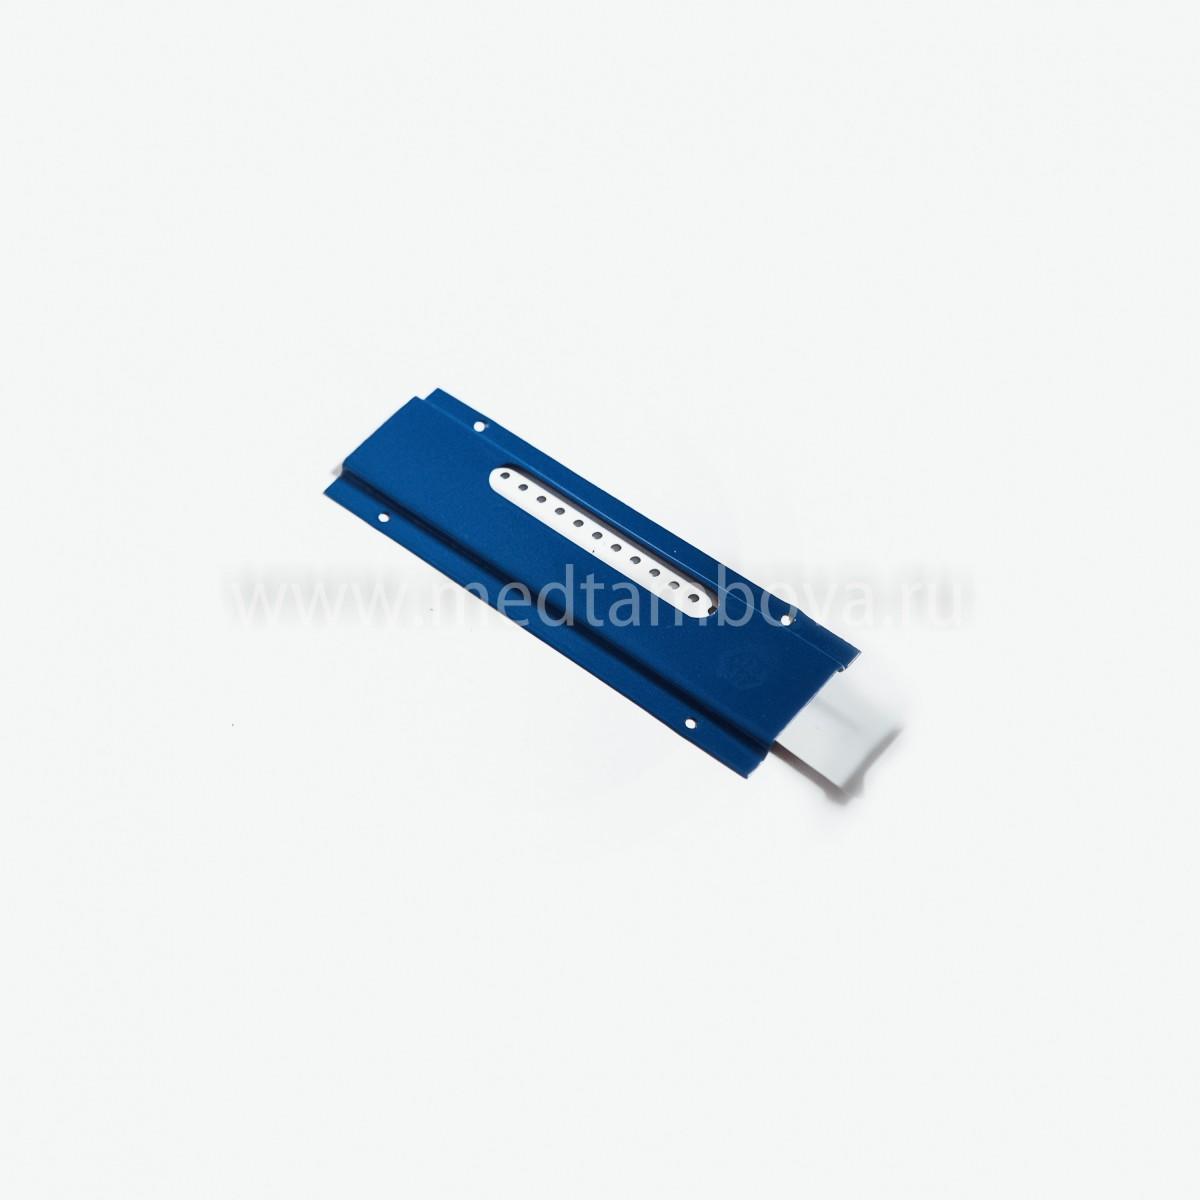 Летковый заградитель 2-х элементный полимерный верхний 45*145